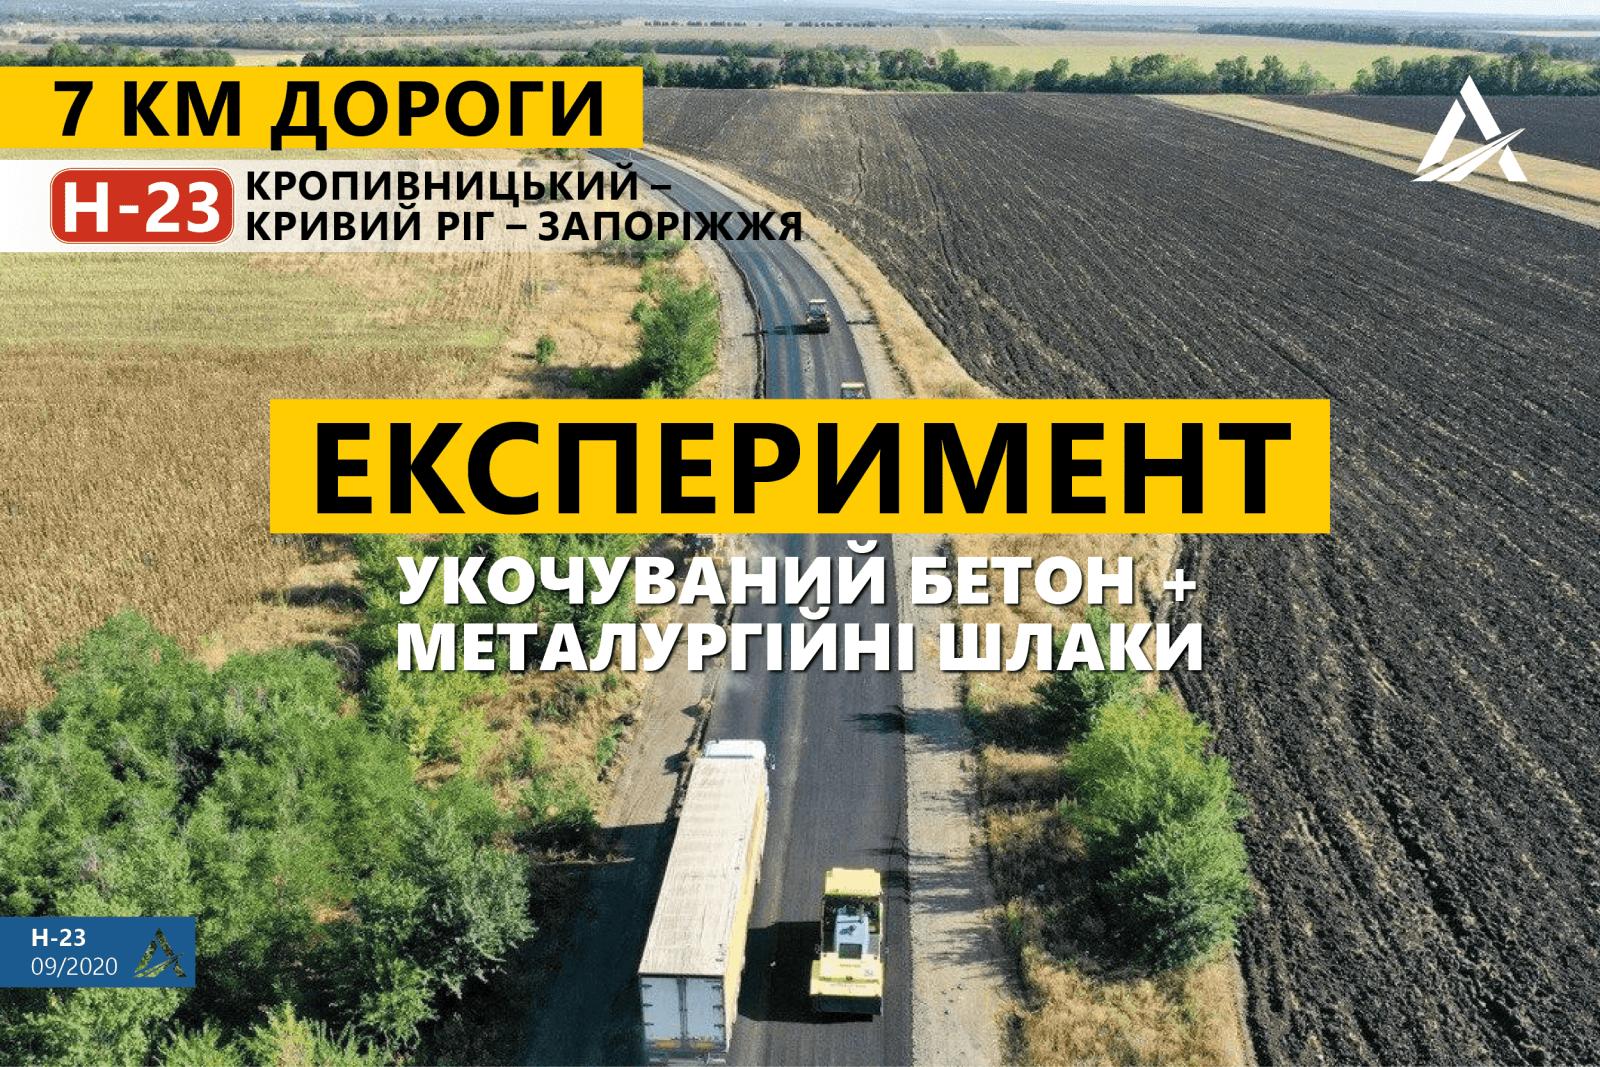 В Днепропетровской области будет построена экспериментальная дорога